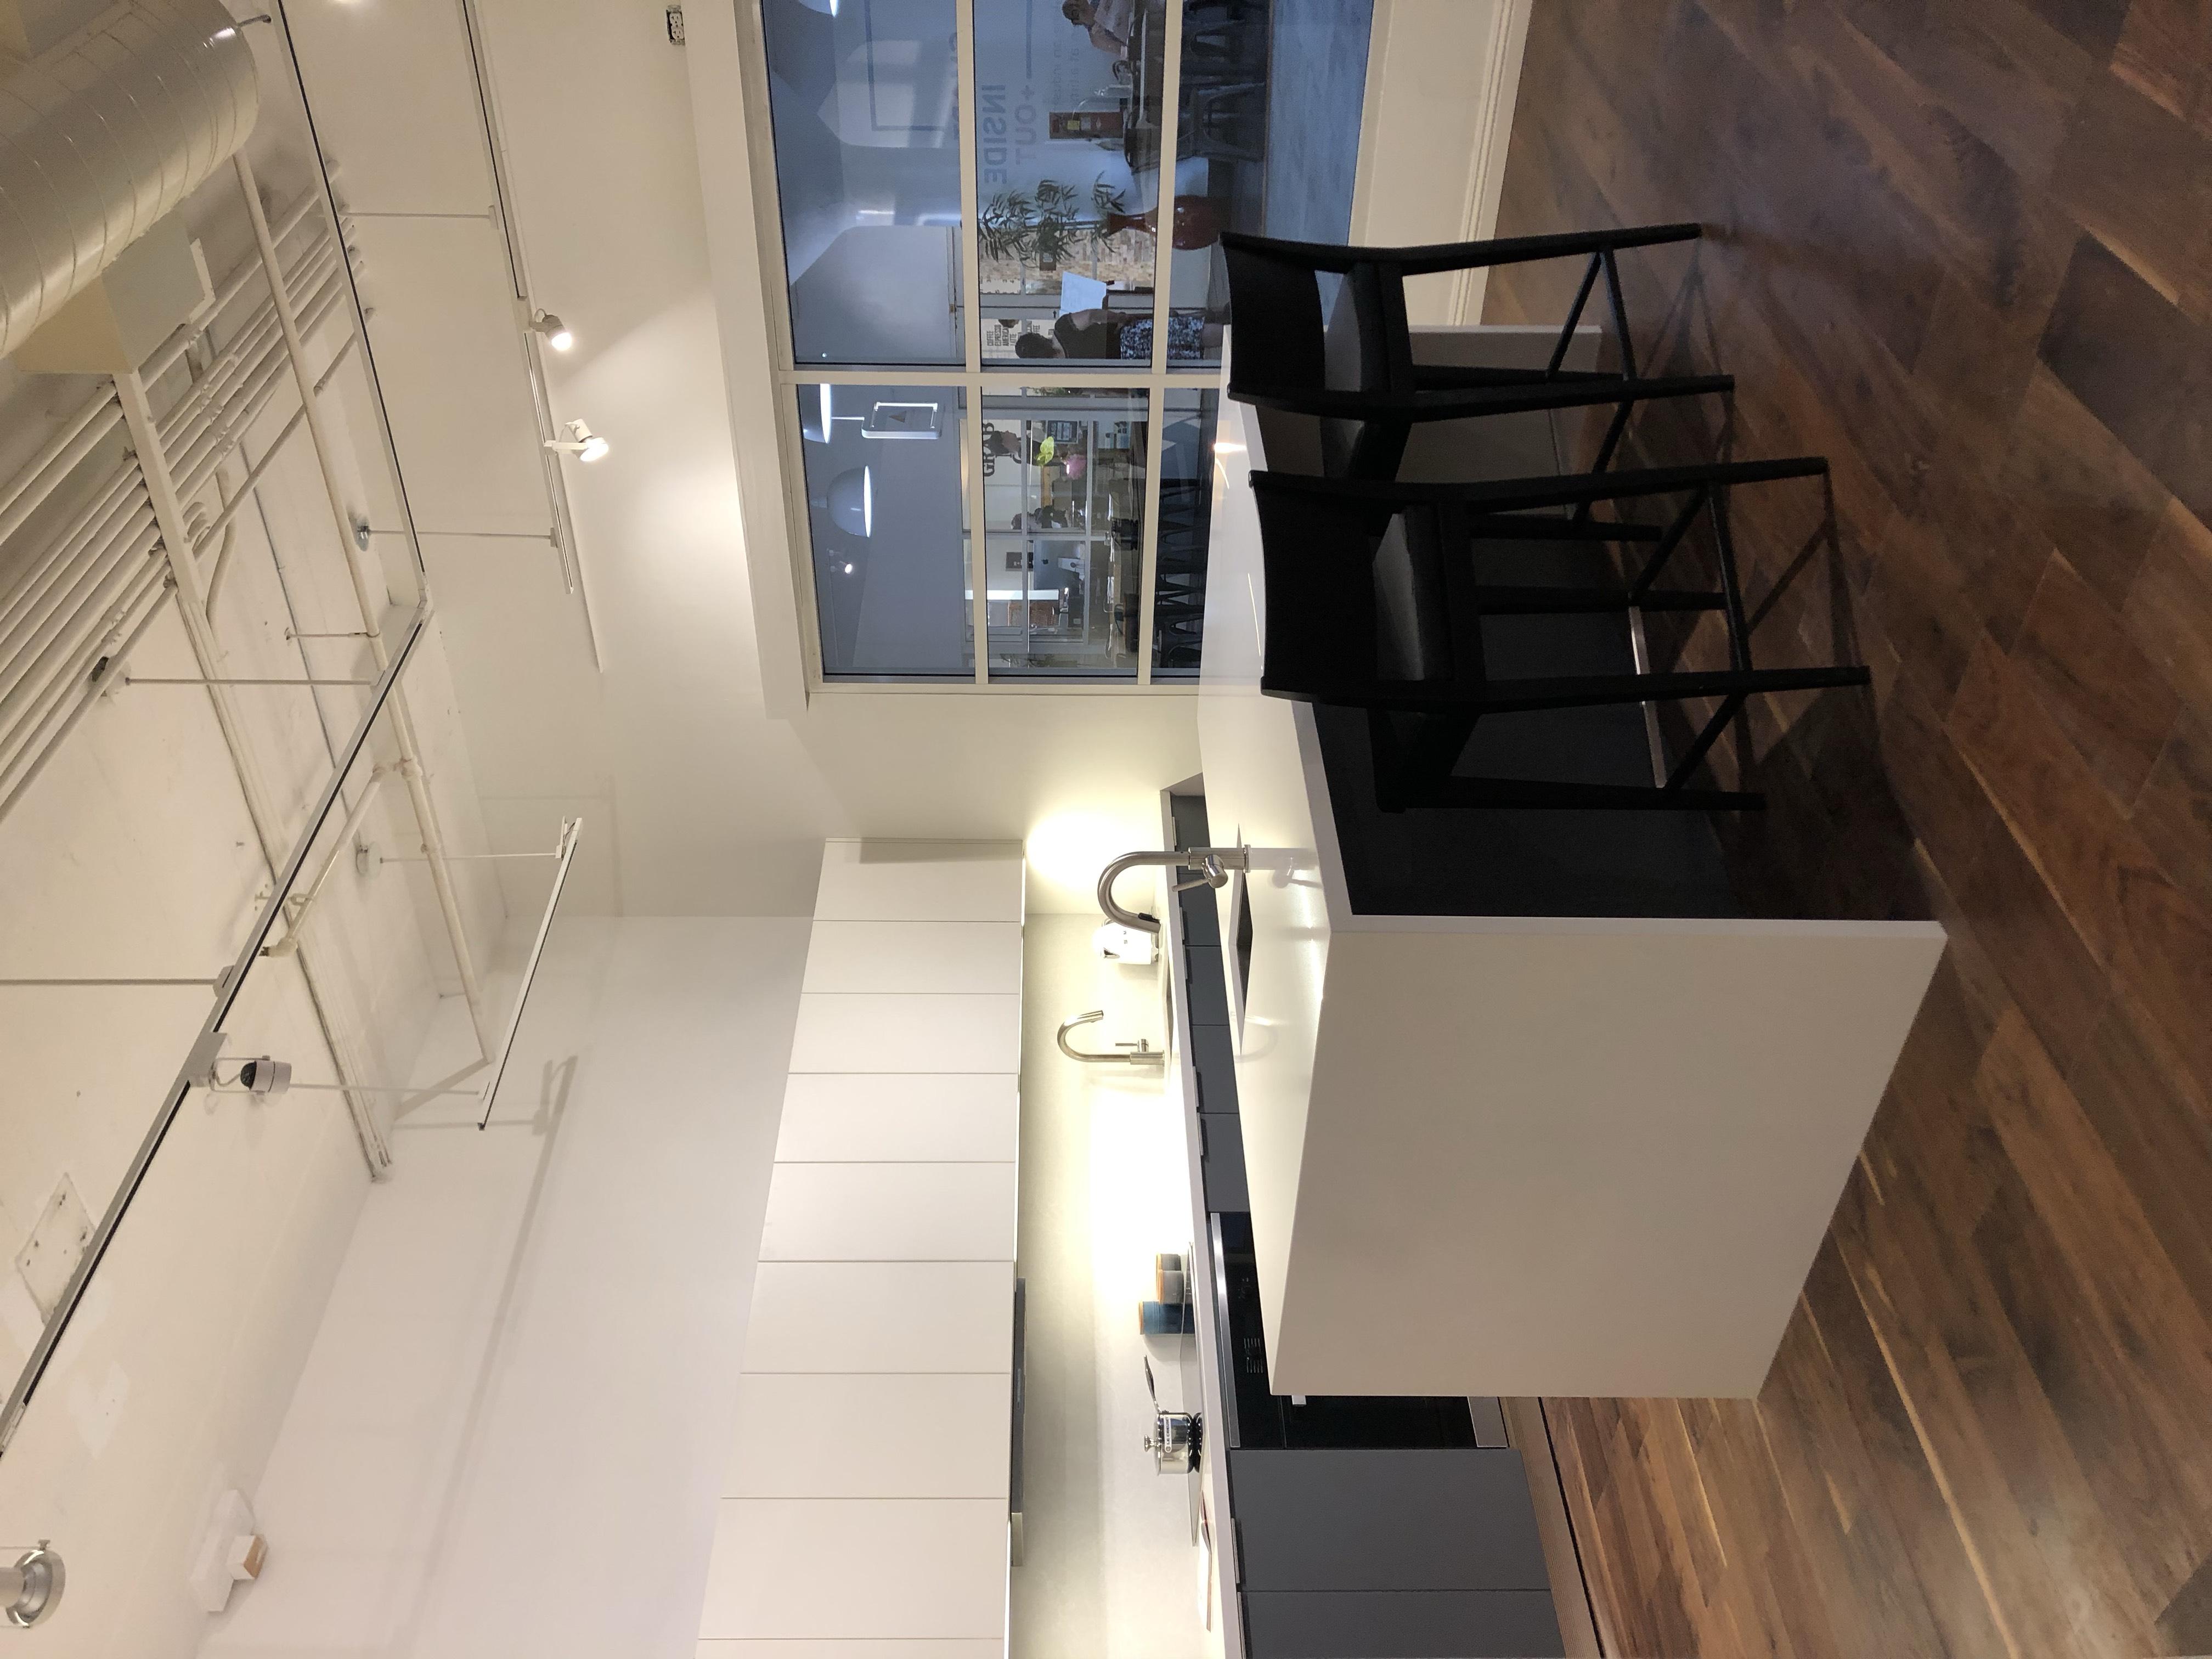 Galley Kitchen/ Island